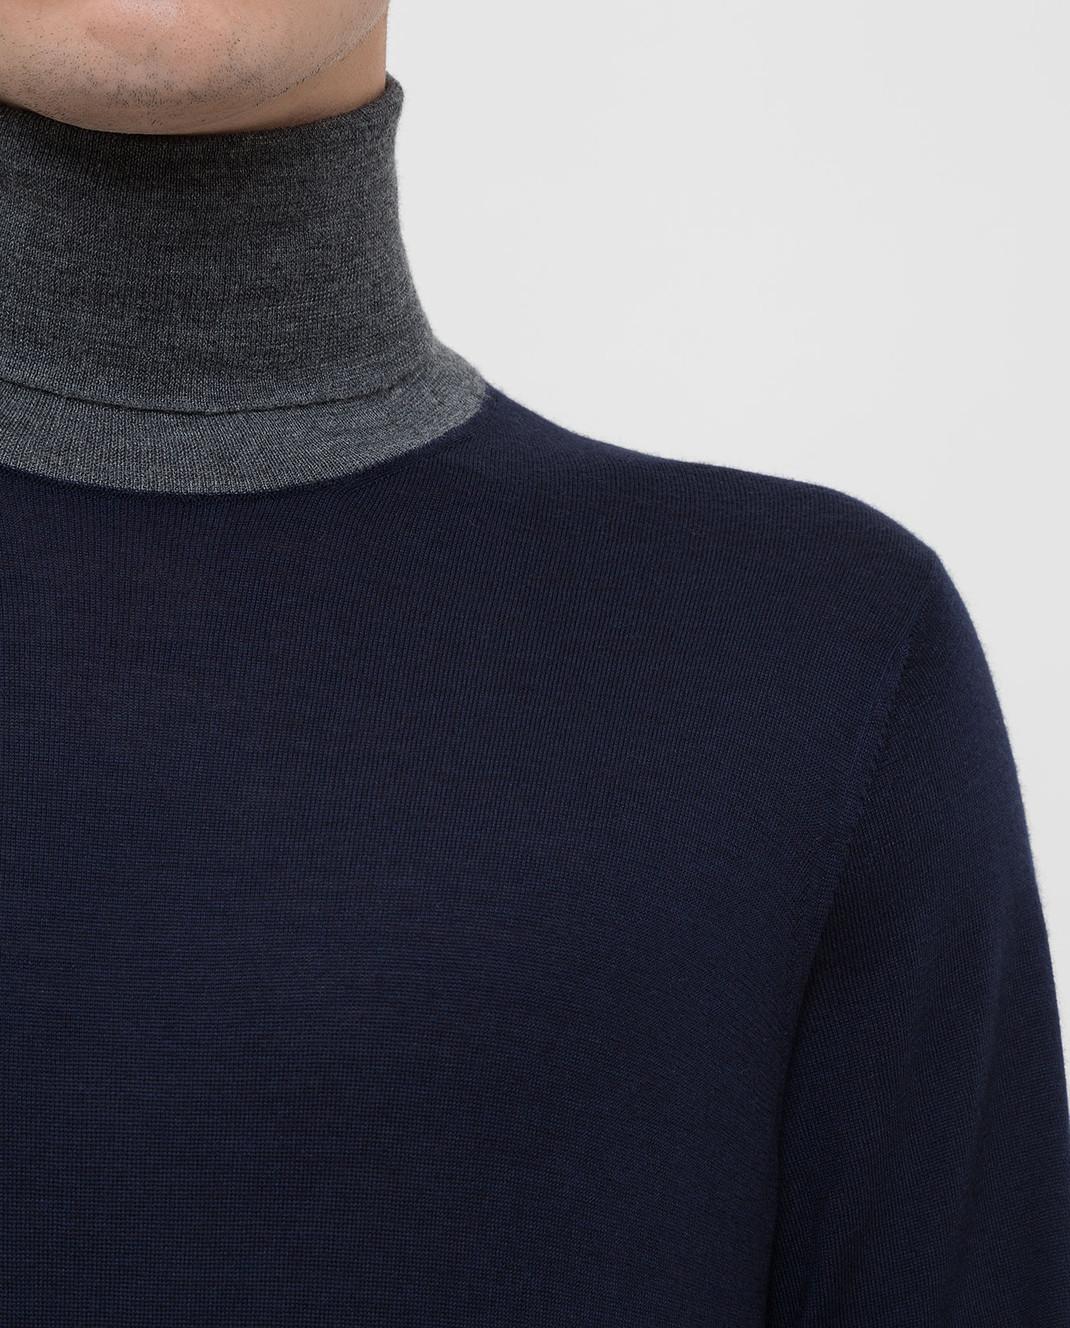 Brunello Cucinelli Темно-синий гольф из шерсти и кашемира изображение 5